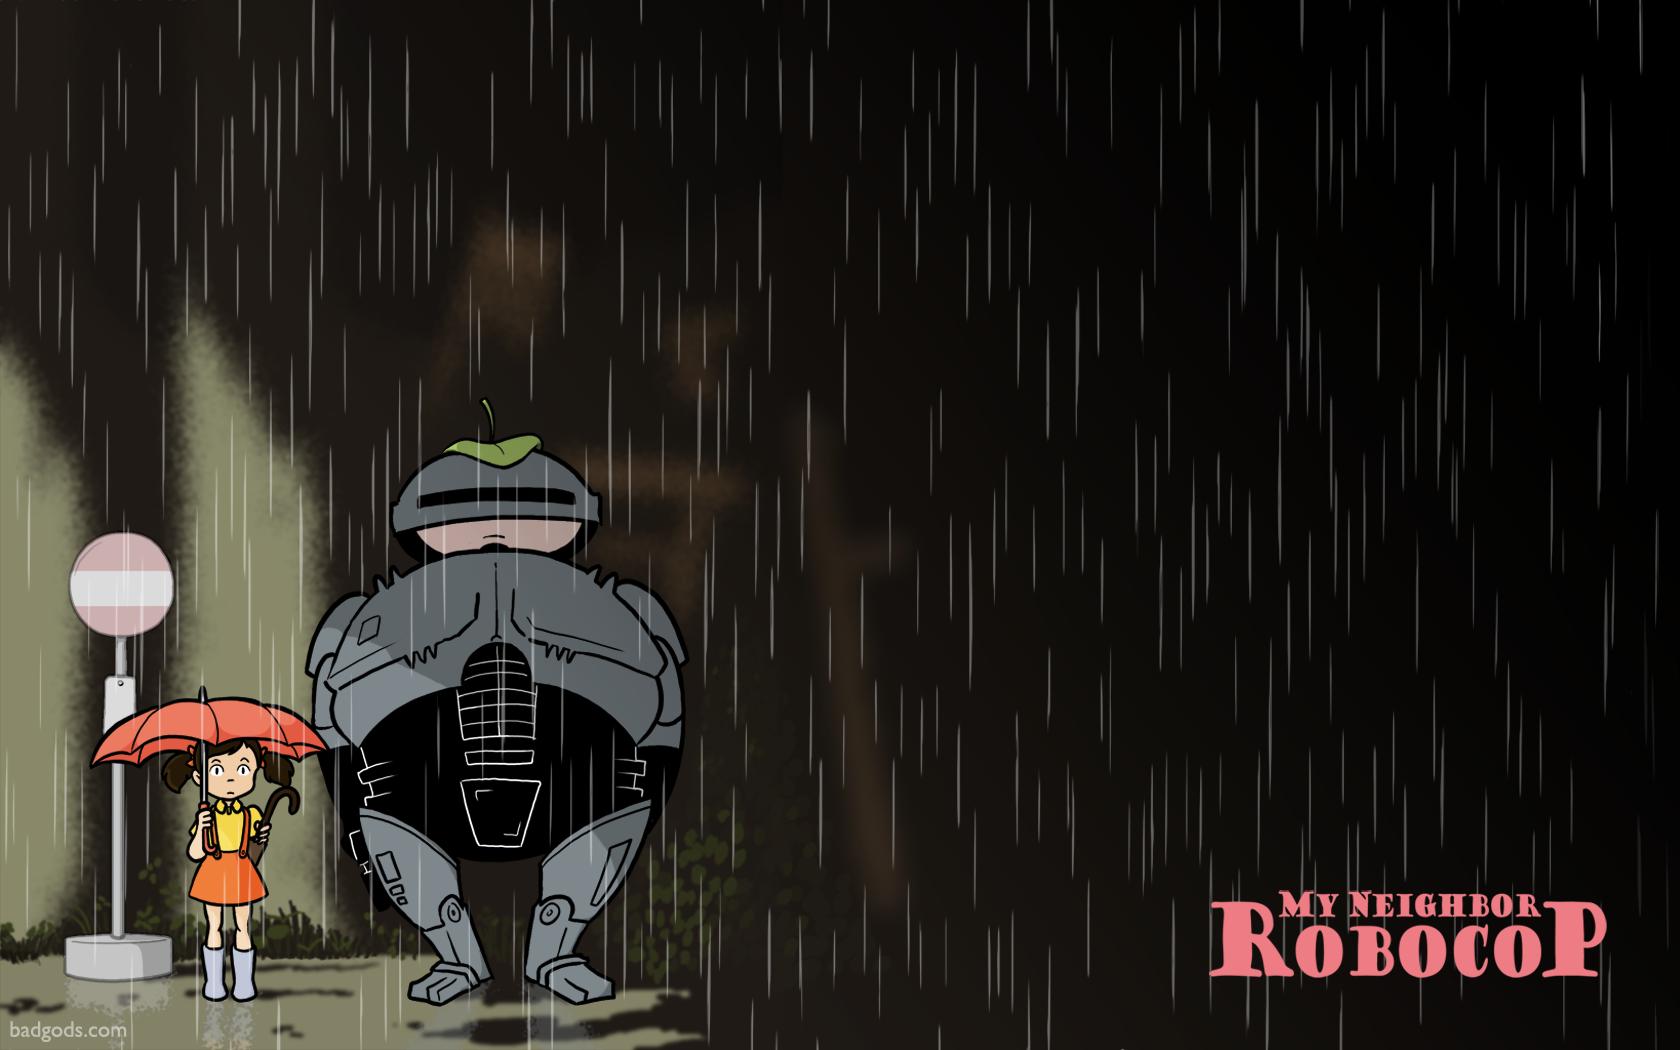 My Neighbor Robocop Totoro Bus Stop Parodies Know Your Meme